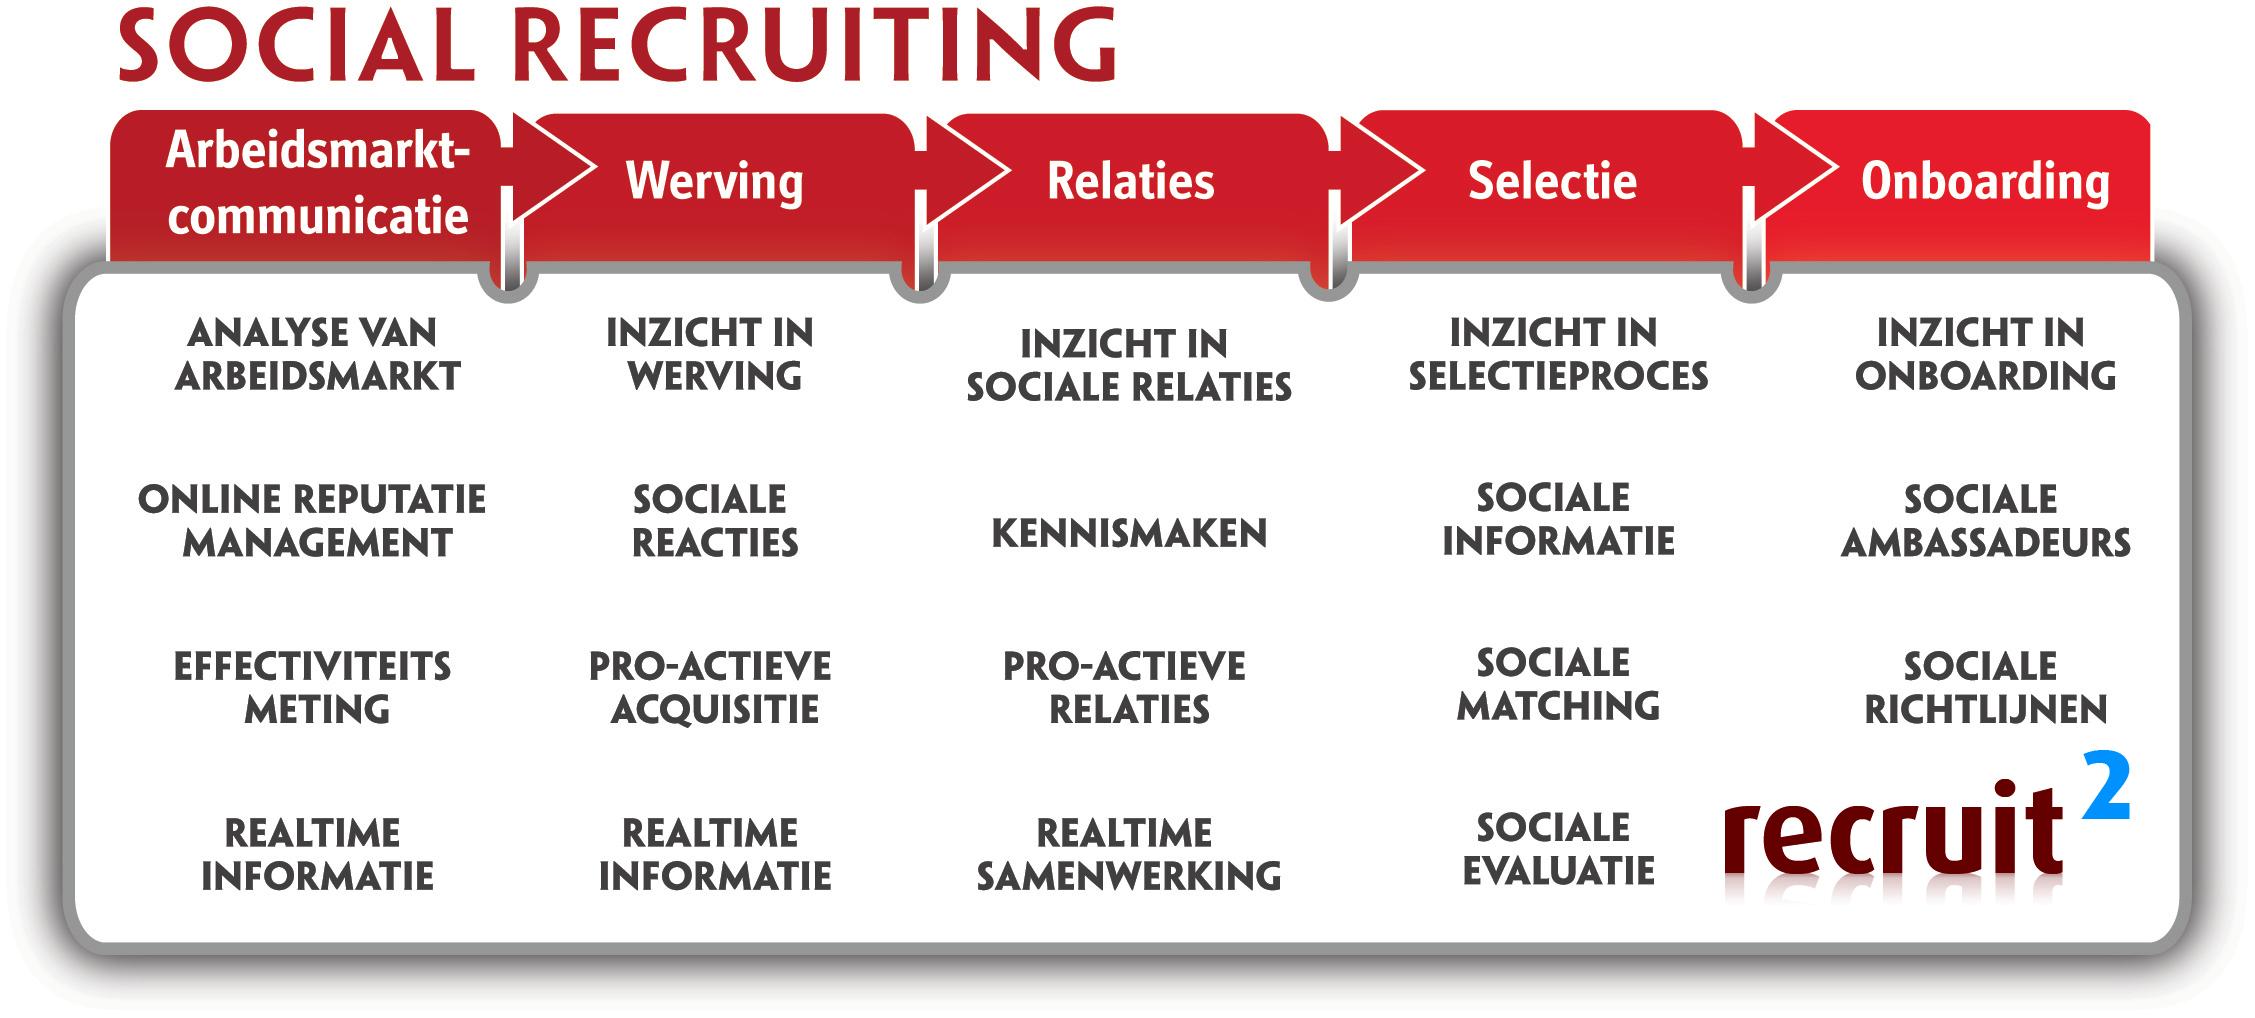 Op welke manieren kunnen sociale platformen de werving en selectie van personeel ondersteunen? Wat levert zo'n investering in tijd en geld nu op? Van arbeidsmarktcommunicatie tot onboarding